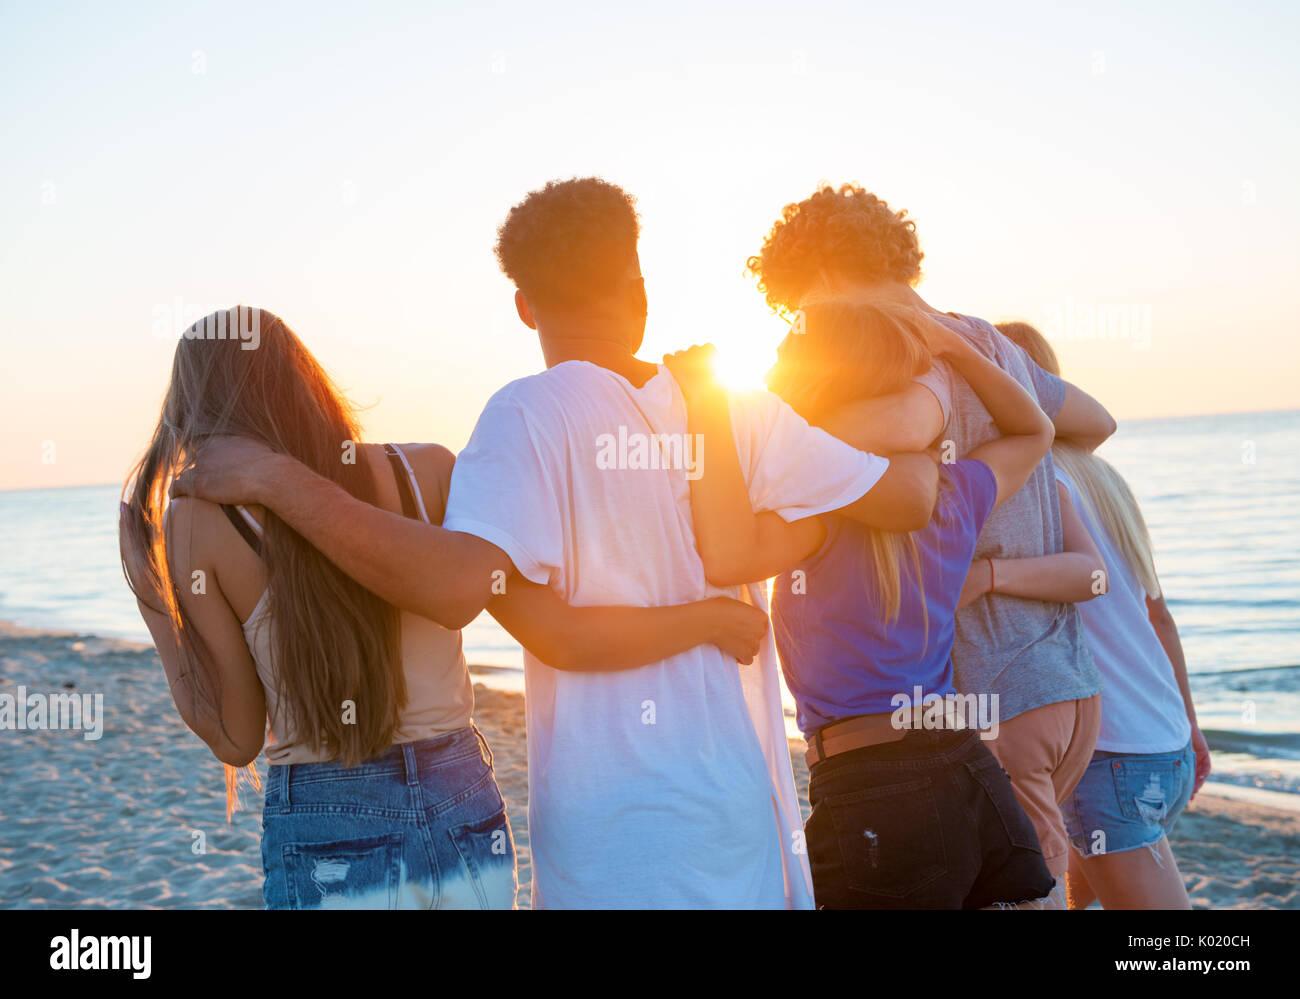 Grupo de Amigos felices divirtiéndose en la playa. Imagen De Stock